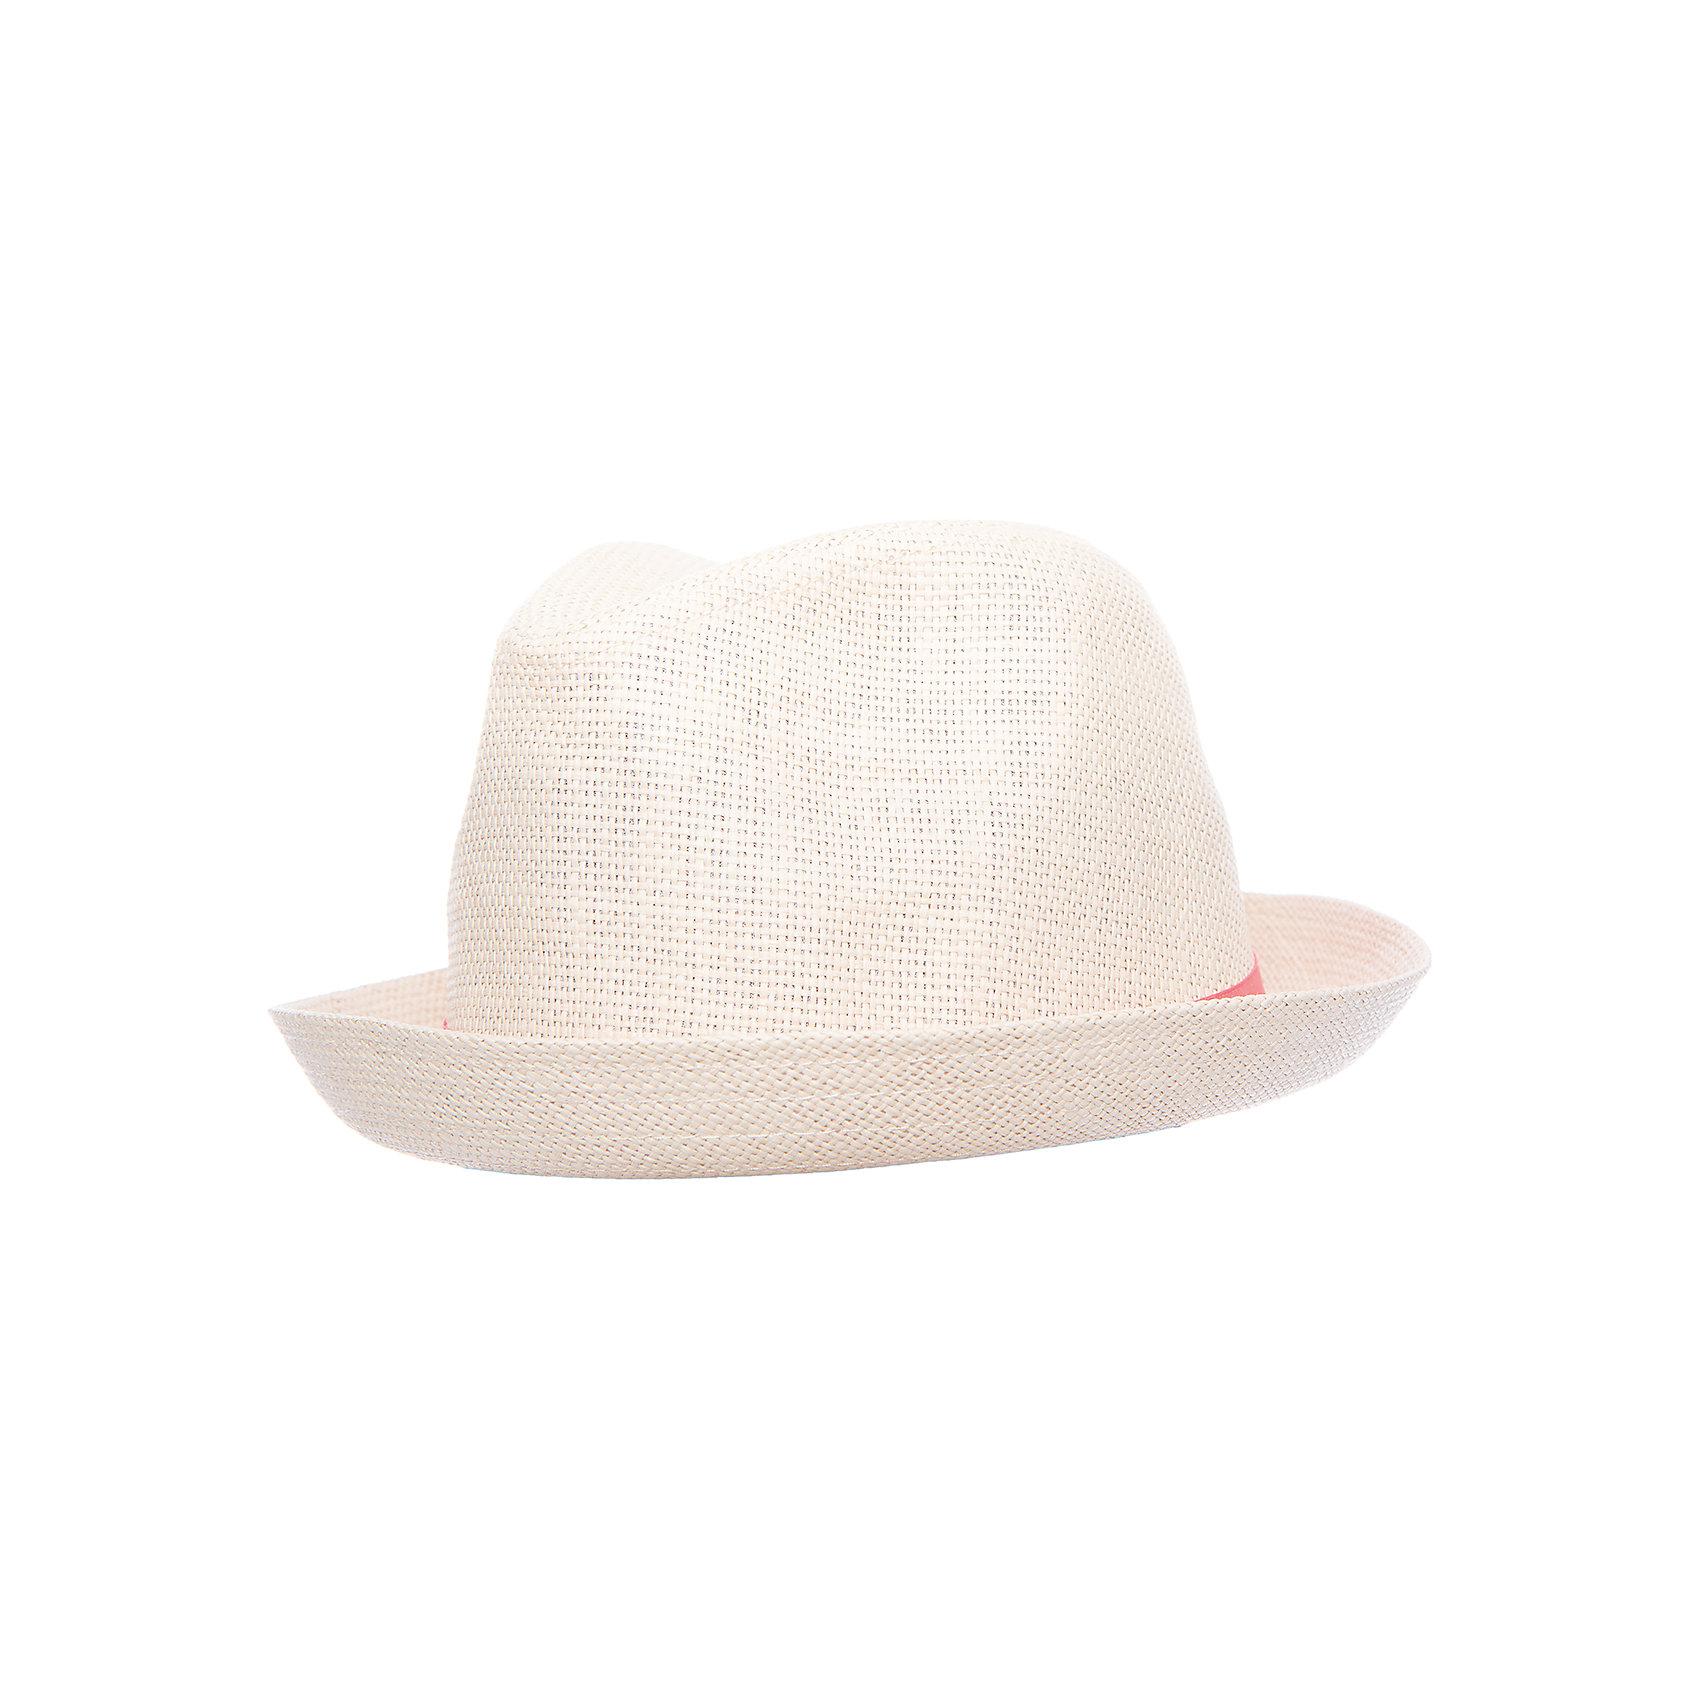 Шляпа для девочки ScoolГоловные уборы<br>Эффектная шляпа из бумажной соломки прекрасно подойдет для прогулок в жаркую погоду. Декорирована широкой лентой с эффектным цветком.<br>Состав:<br>100% бумажная соломка<br><br>Ширина мм: 89<br>Глубина мм: 117<br>Высота мм: 44<br>Вес г: 155<br>Цвет: розовый<br>Возраст от месяцев: 96<br>Возраст до месяцев: 120<br>Пол: Женский<br>Возраст: Детский<br>Размер: 56,54<br>SKU: 5604618